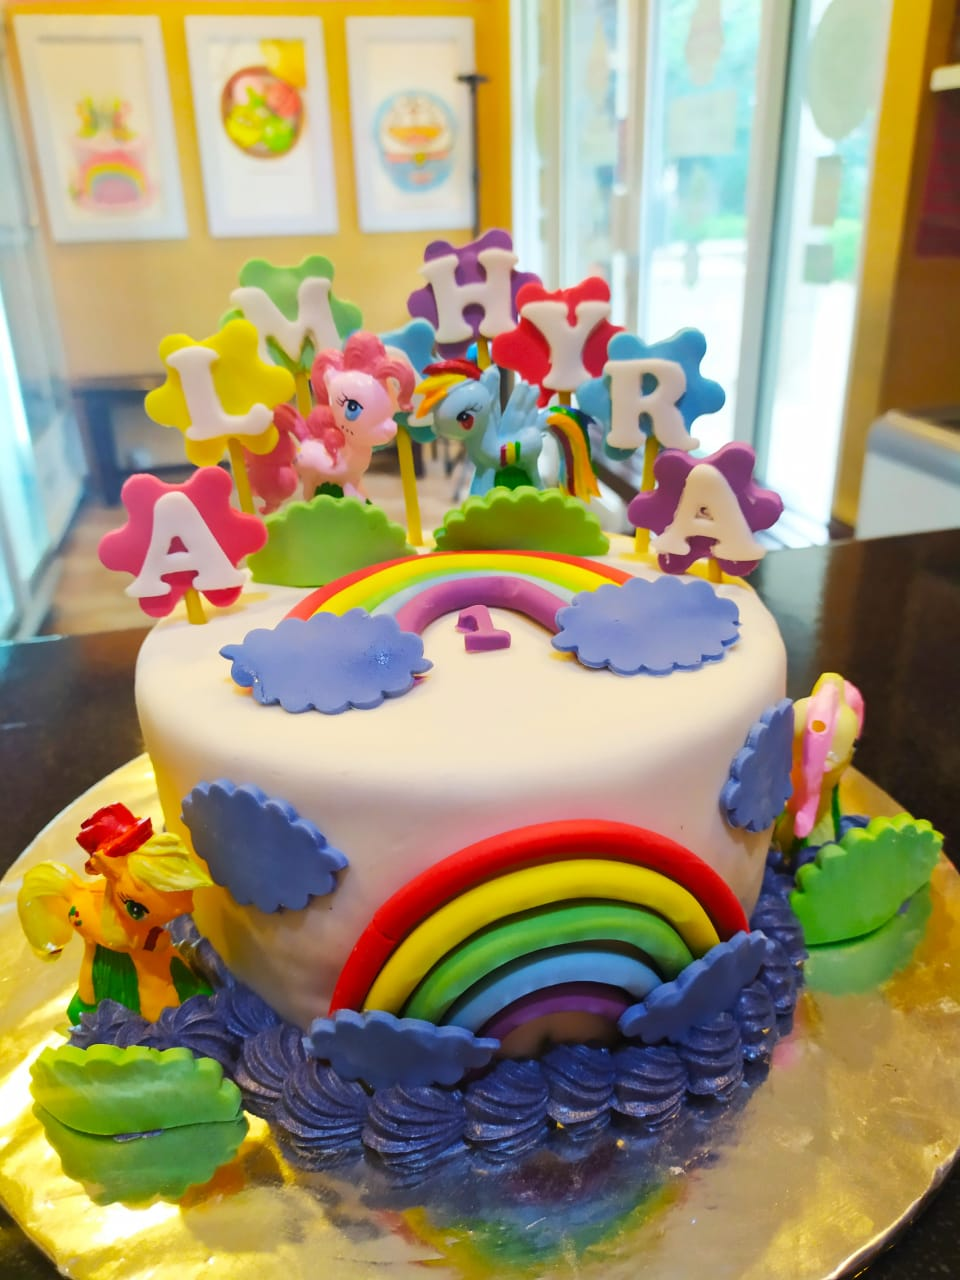 Toko Kue Ultah Bogor Toko Kue Ulang Tahun Anak Kuda Poni Kota Bogor